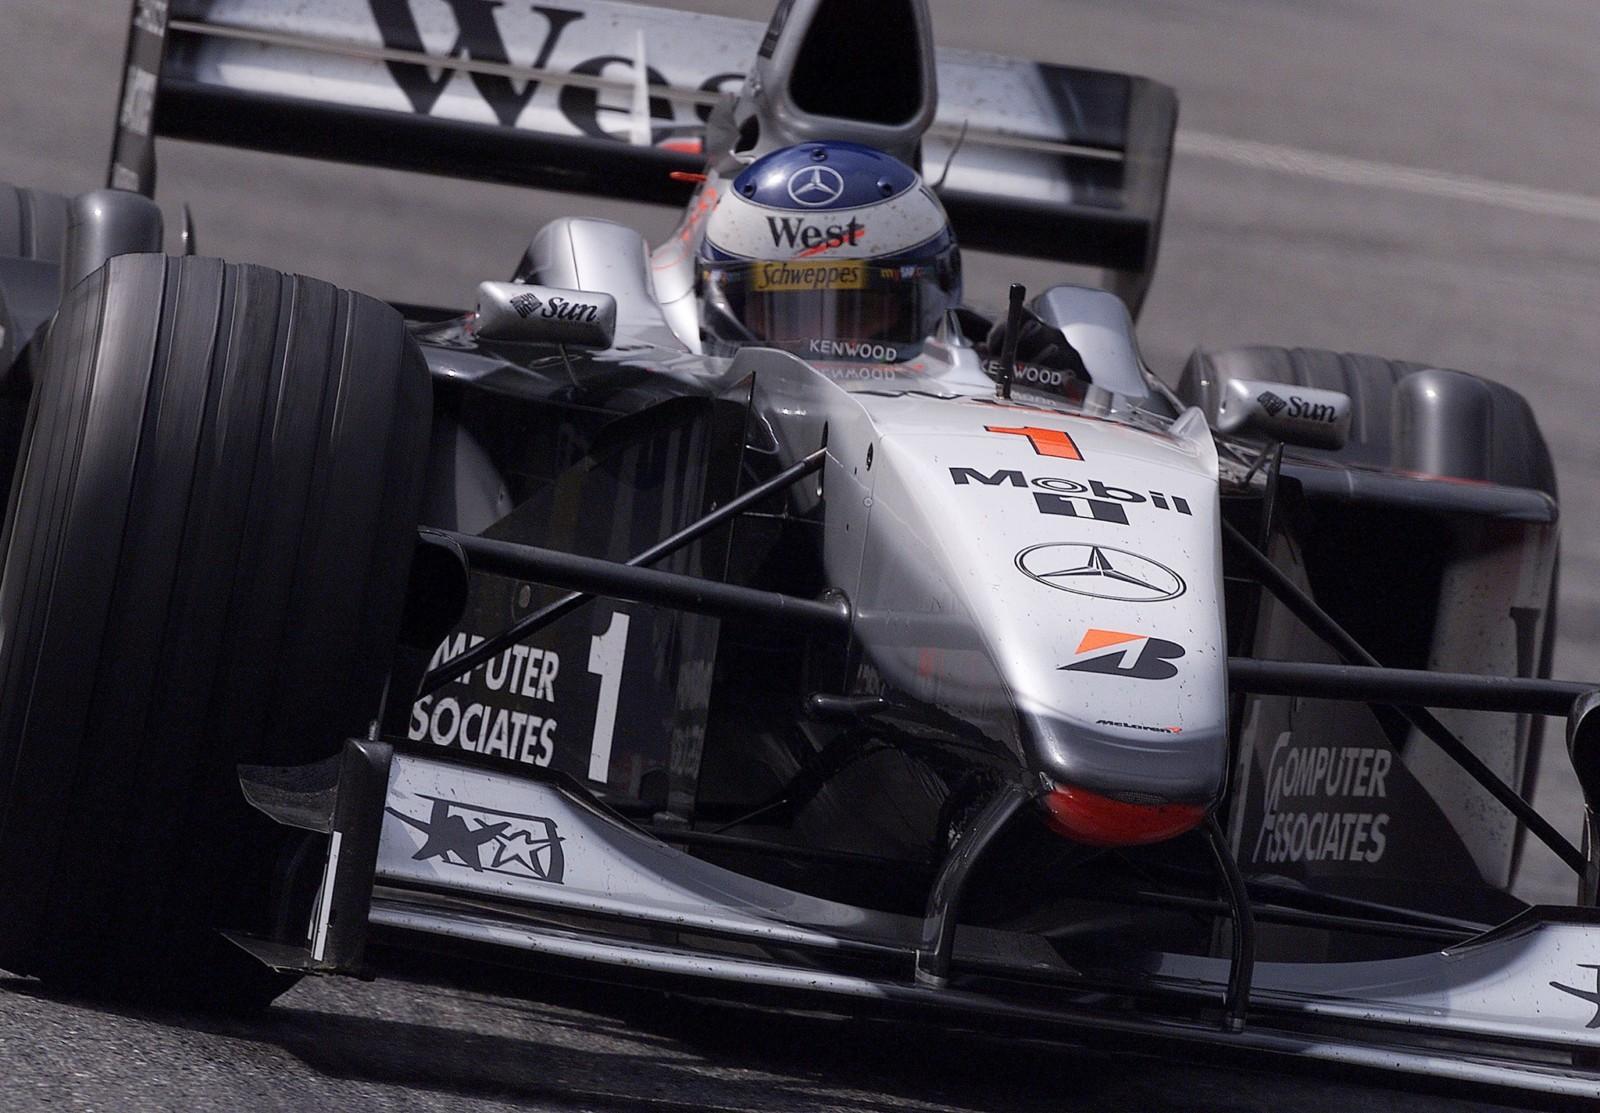 14480503 10154370165716413 4390464691538810638 o - Honda espère résoudre certains problèmes, McLaren évalue les autres options